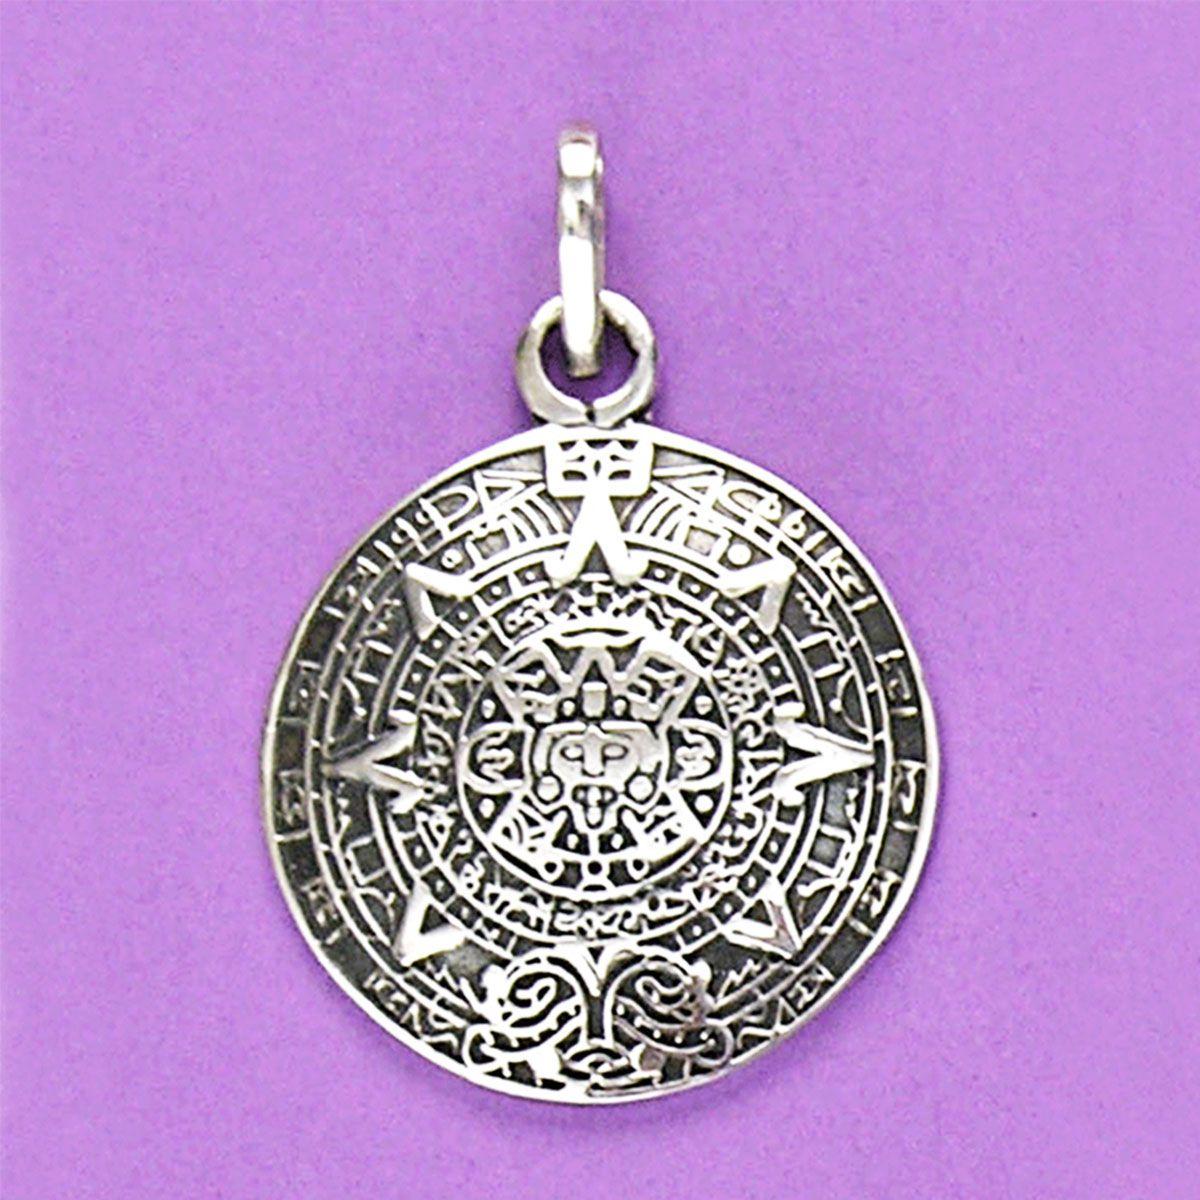 Pingente de Calendário Asteca - 33212